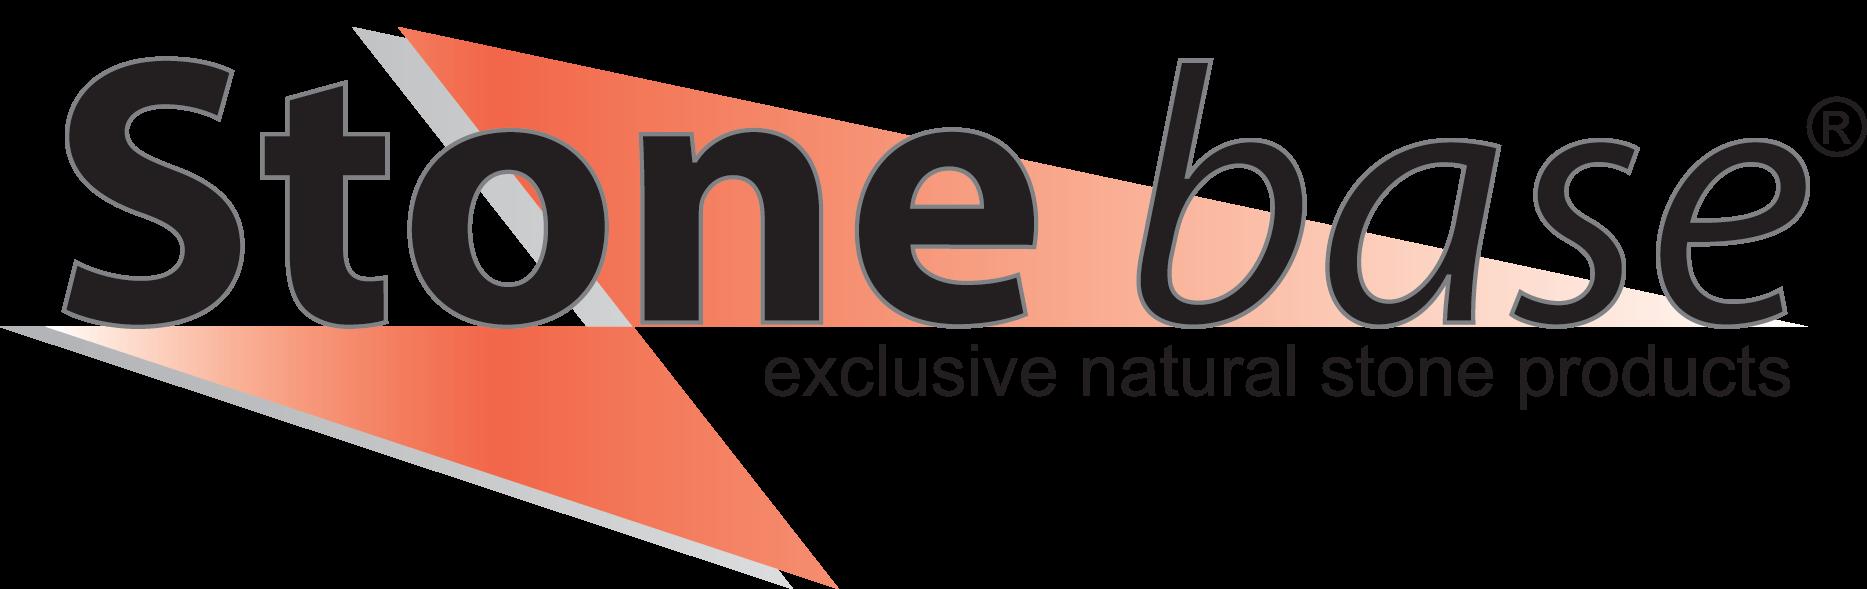 stone_base_logo